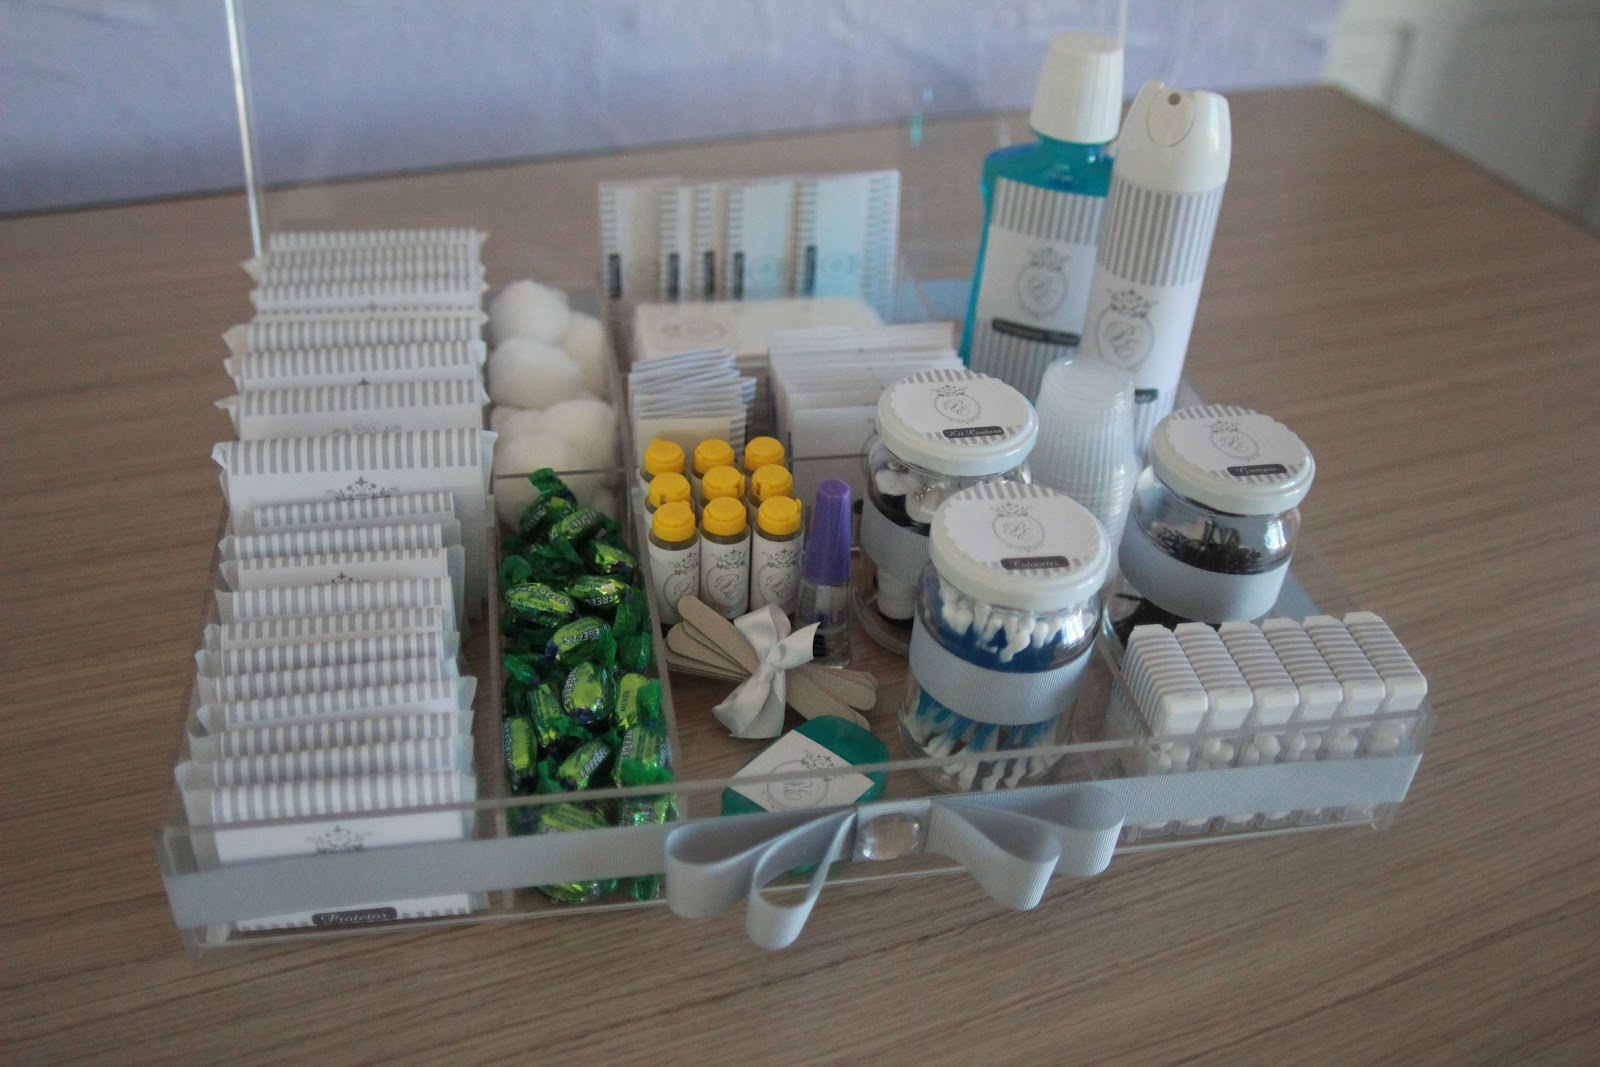 acrílico caixas banheiro casamentos itens personalizados kit toilette #B1851A 1600 1067